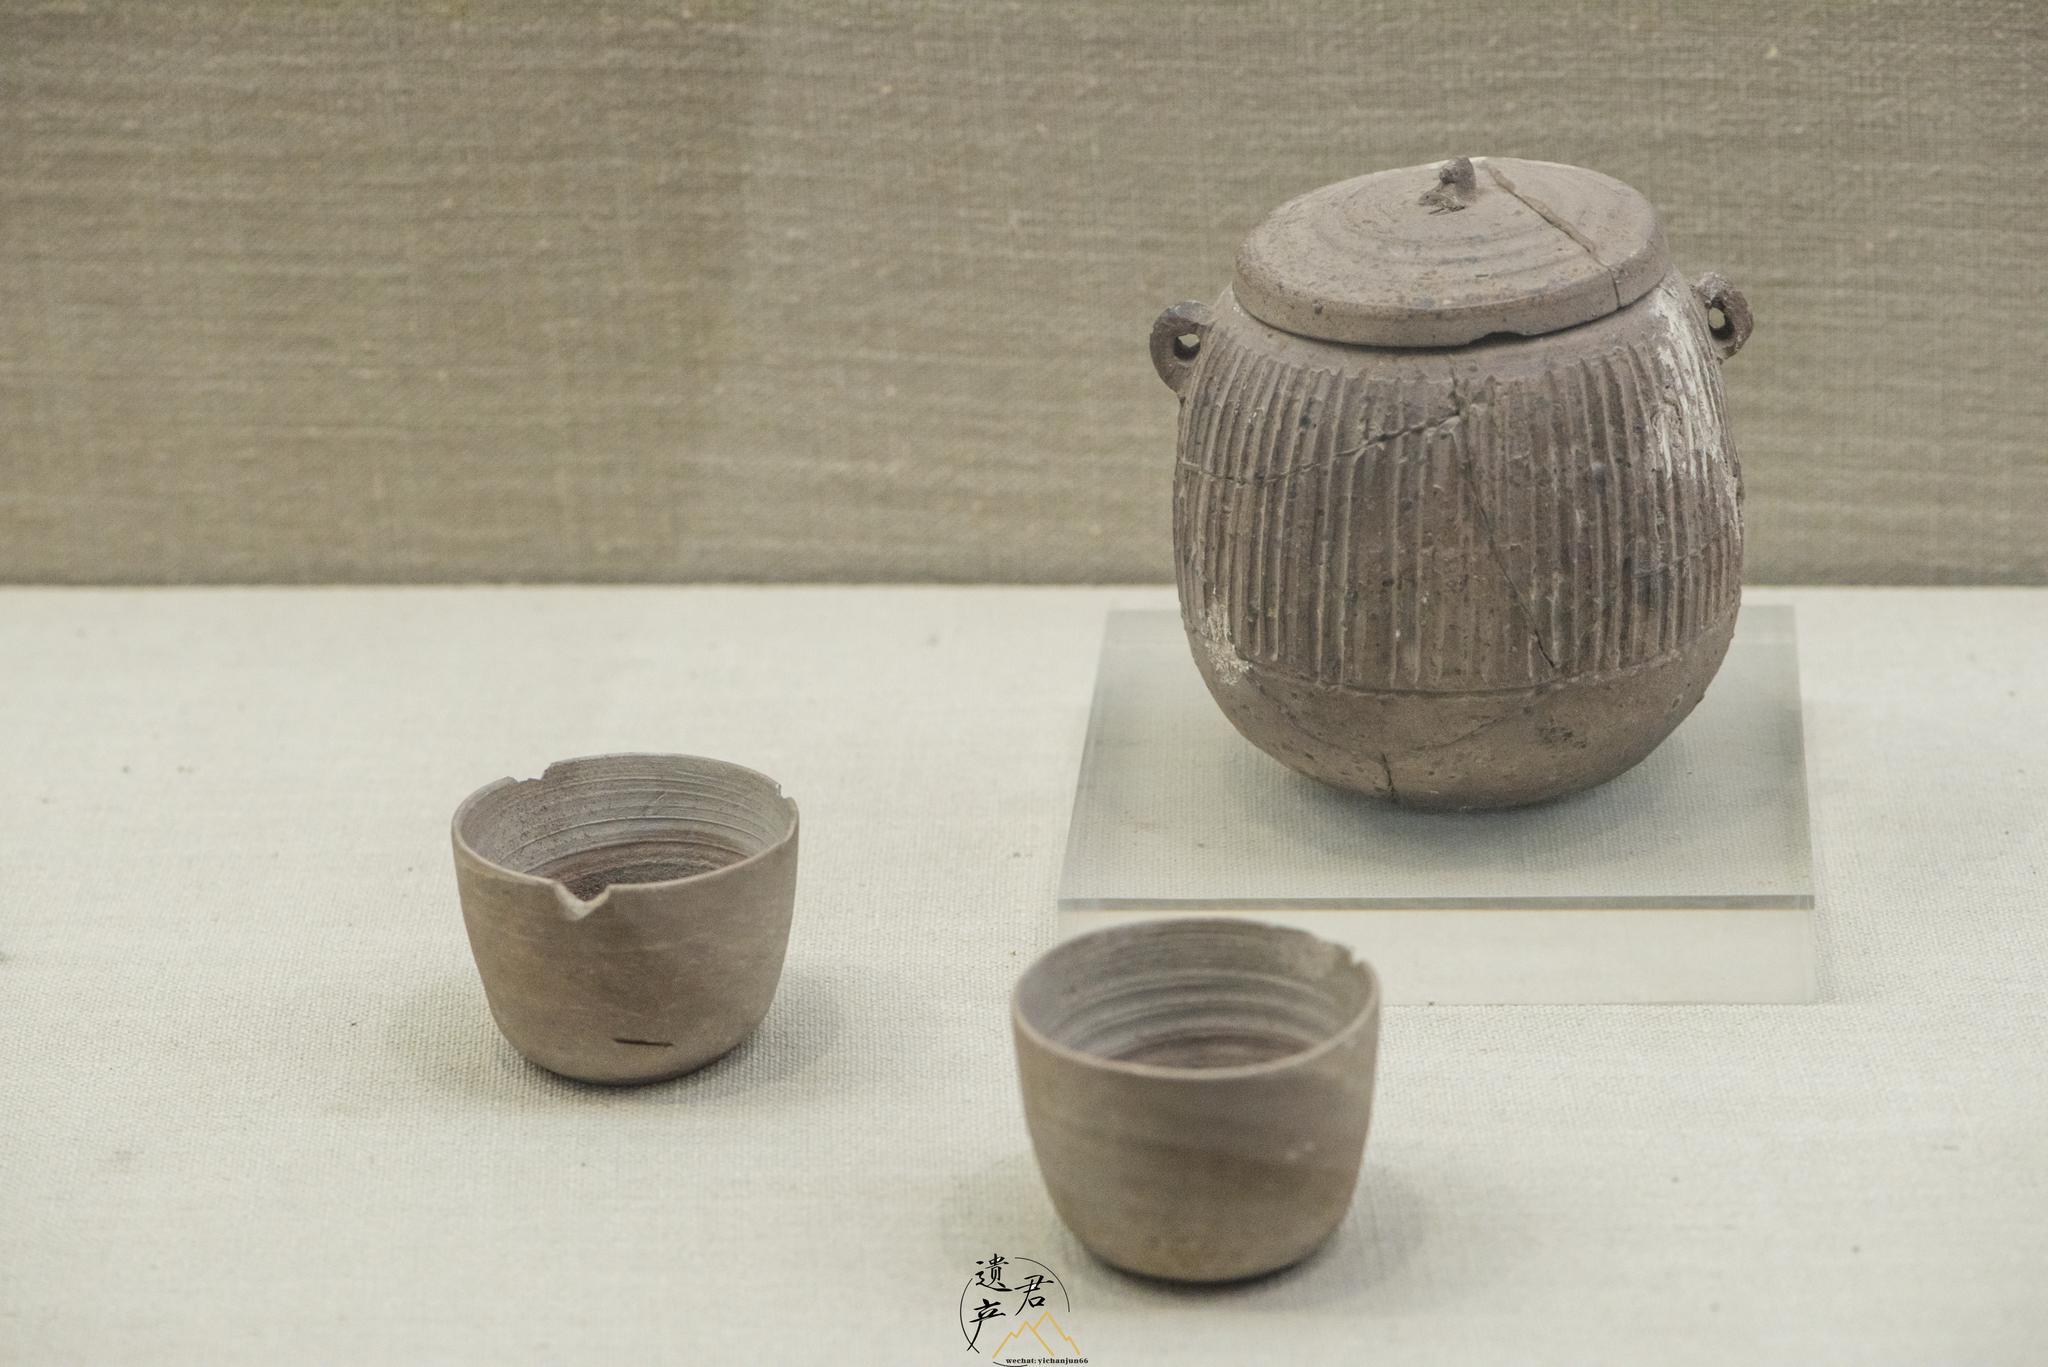 鄂州博物馆藏· 战国时期原始青瓷杯